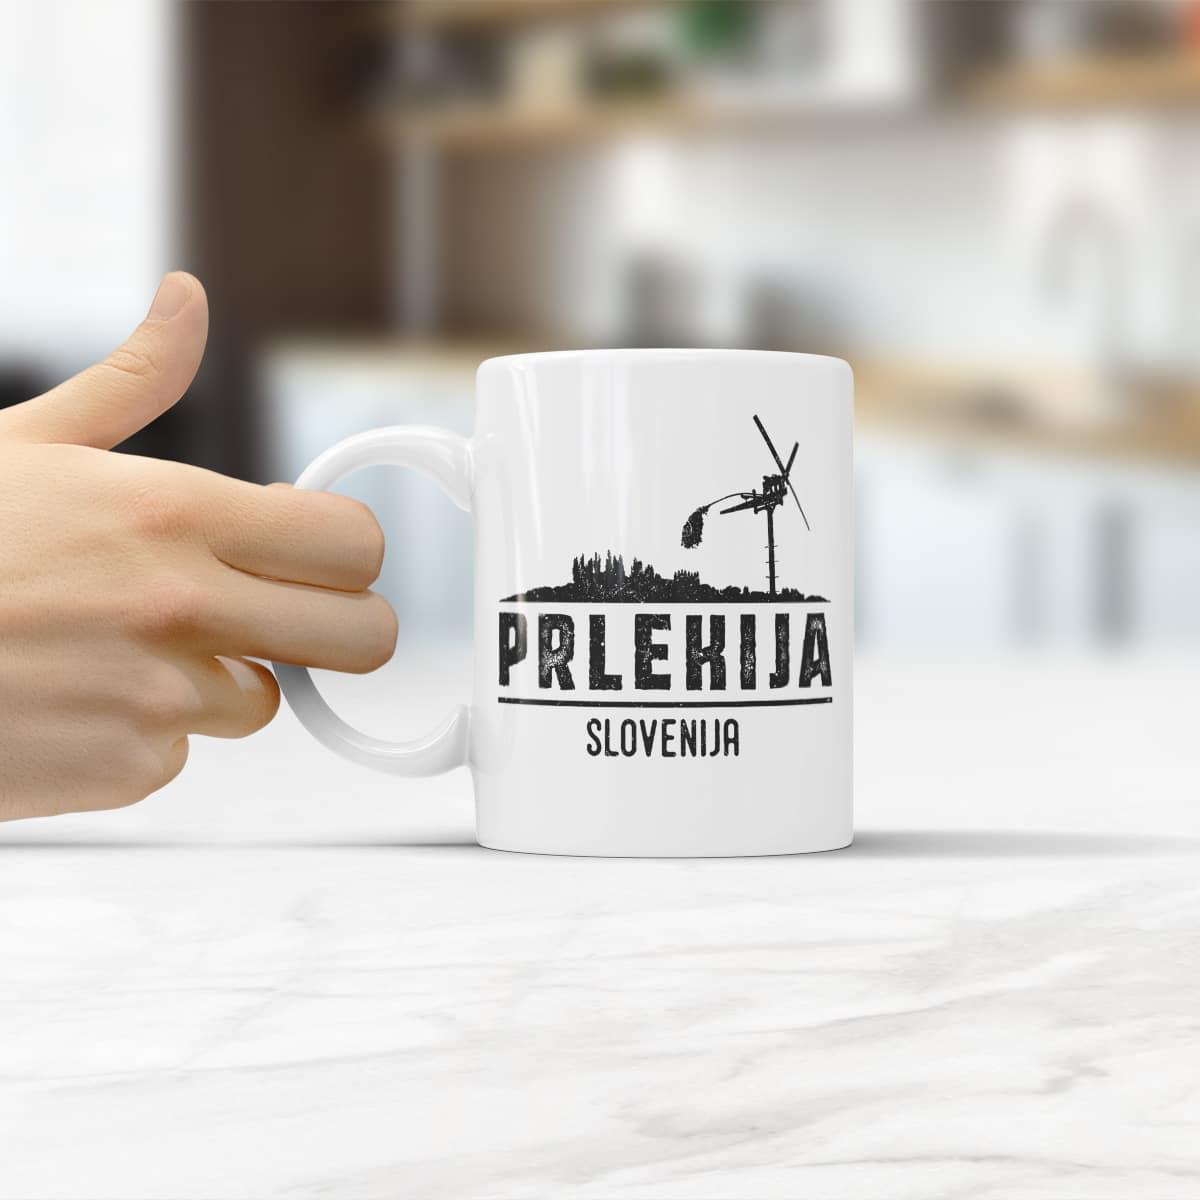 Skodelica Prlekija Slovenija